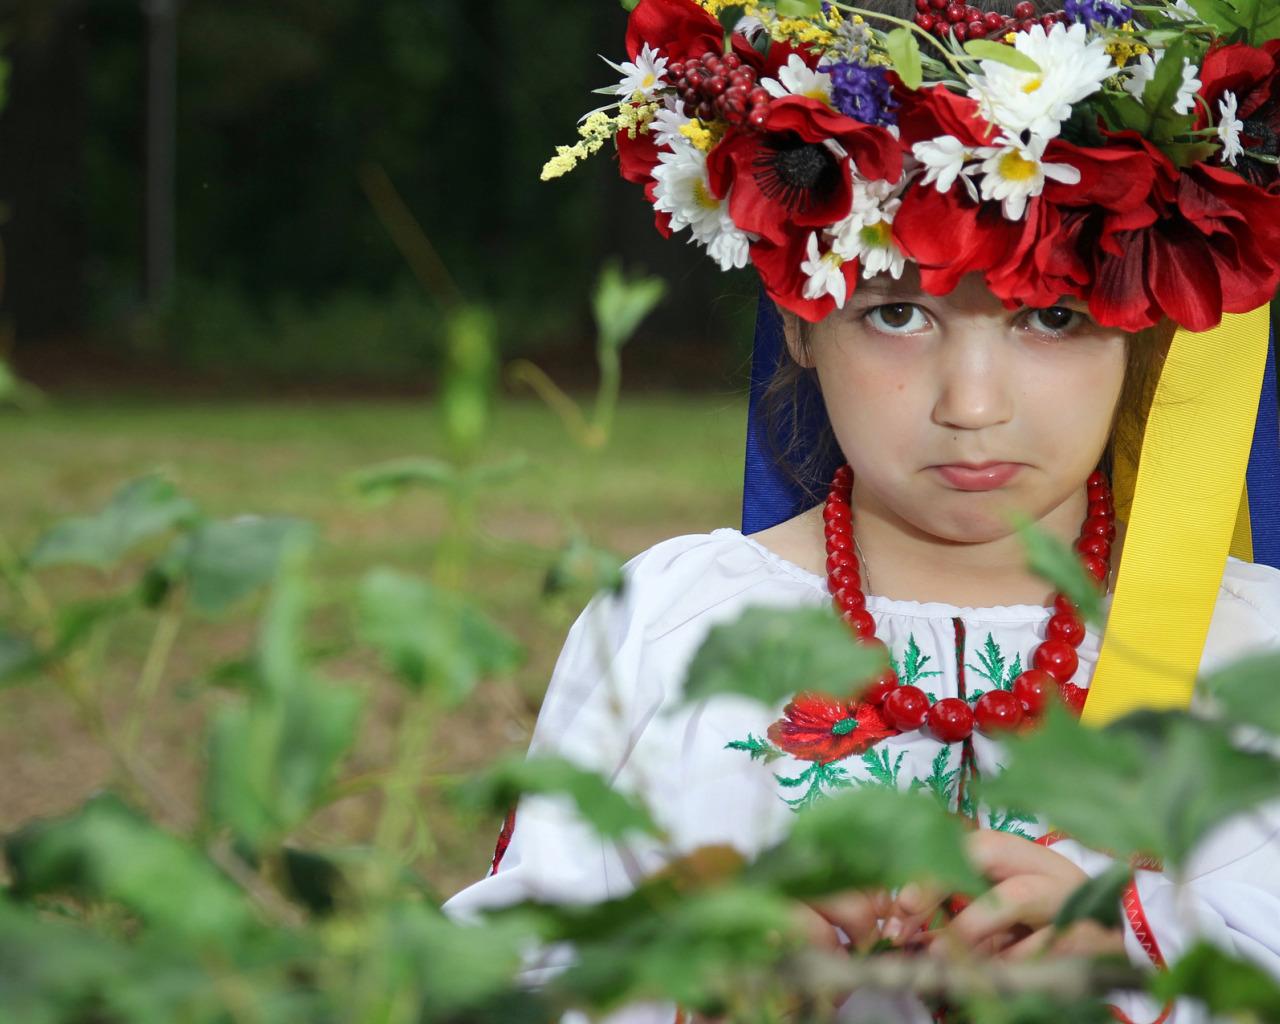 Секс молодой украинки, Порно видео онлайн: УкраинскоеМолодые 13 фотография